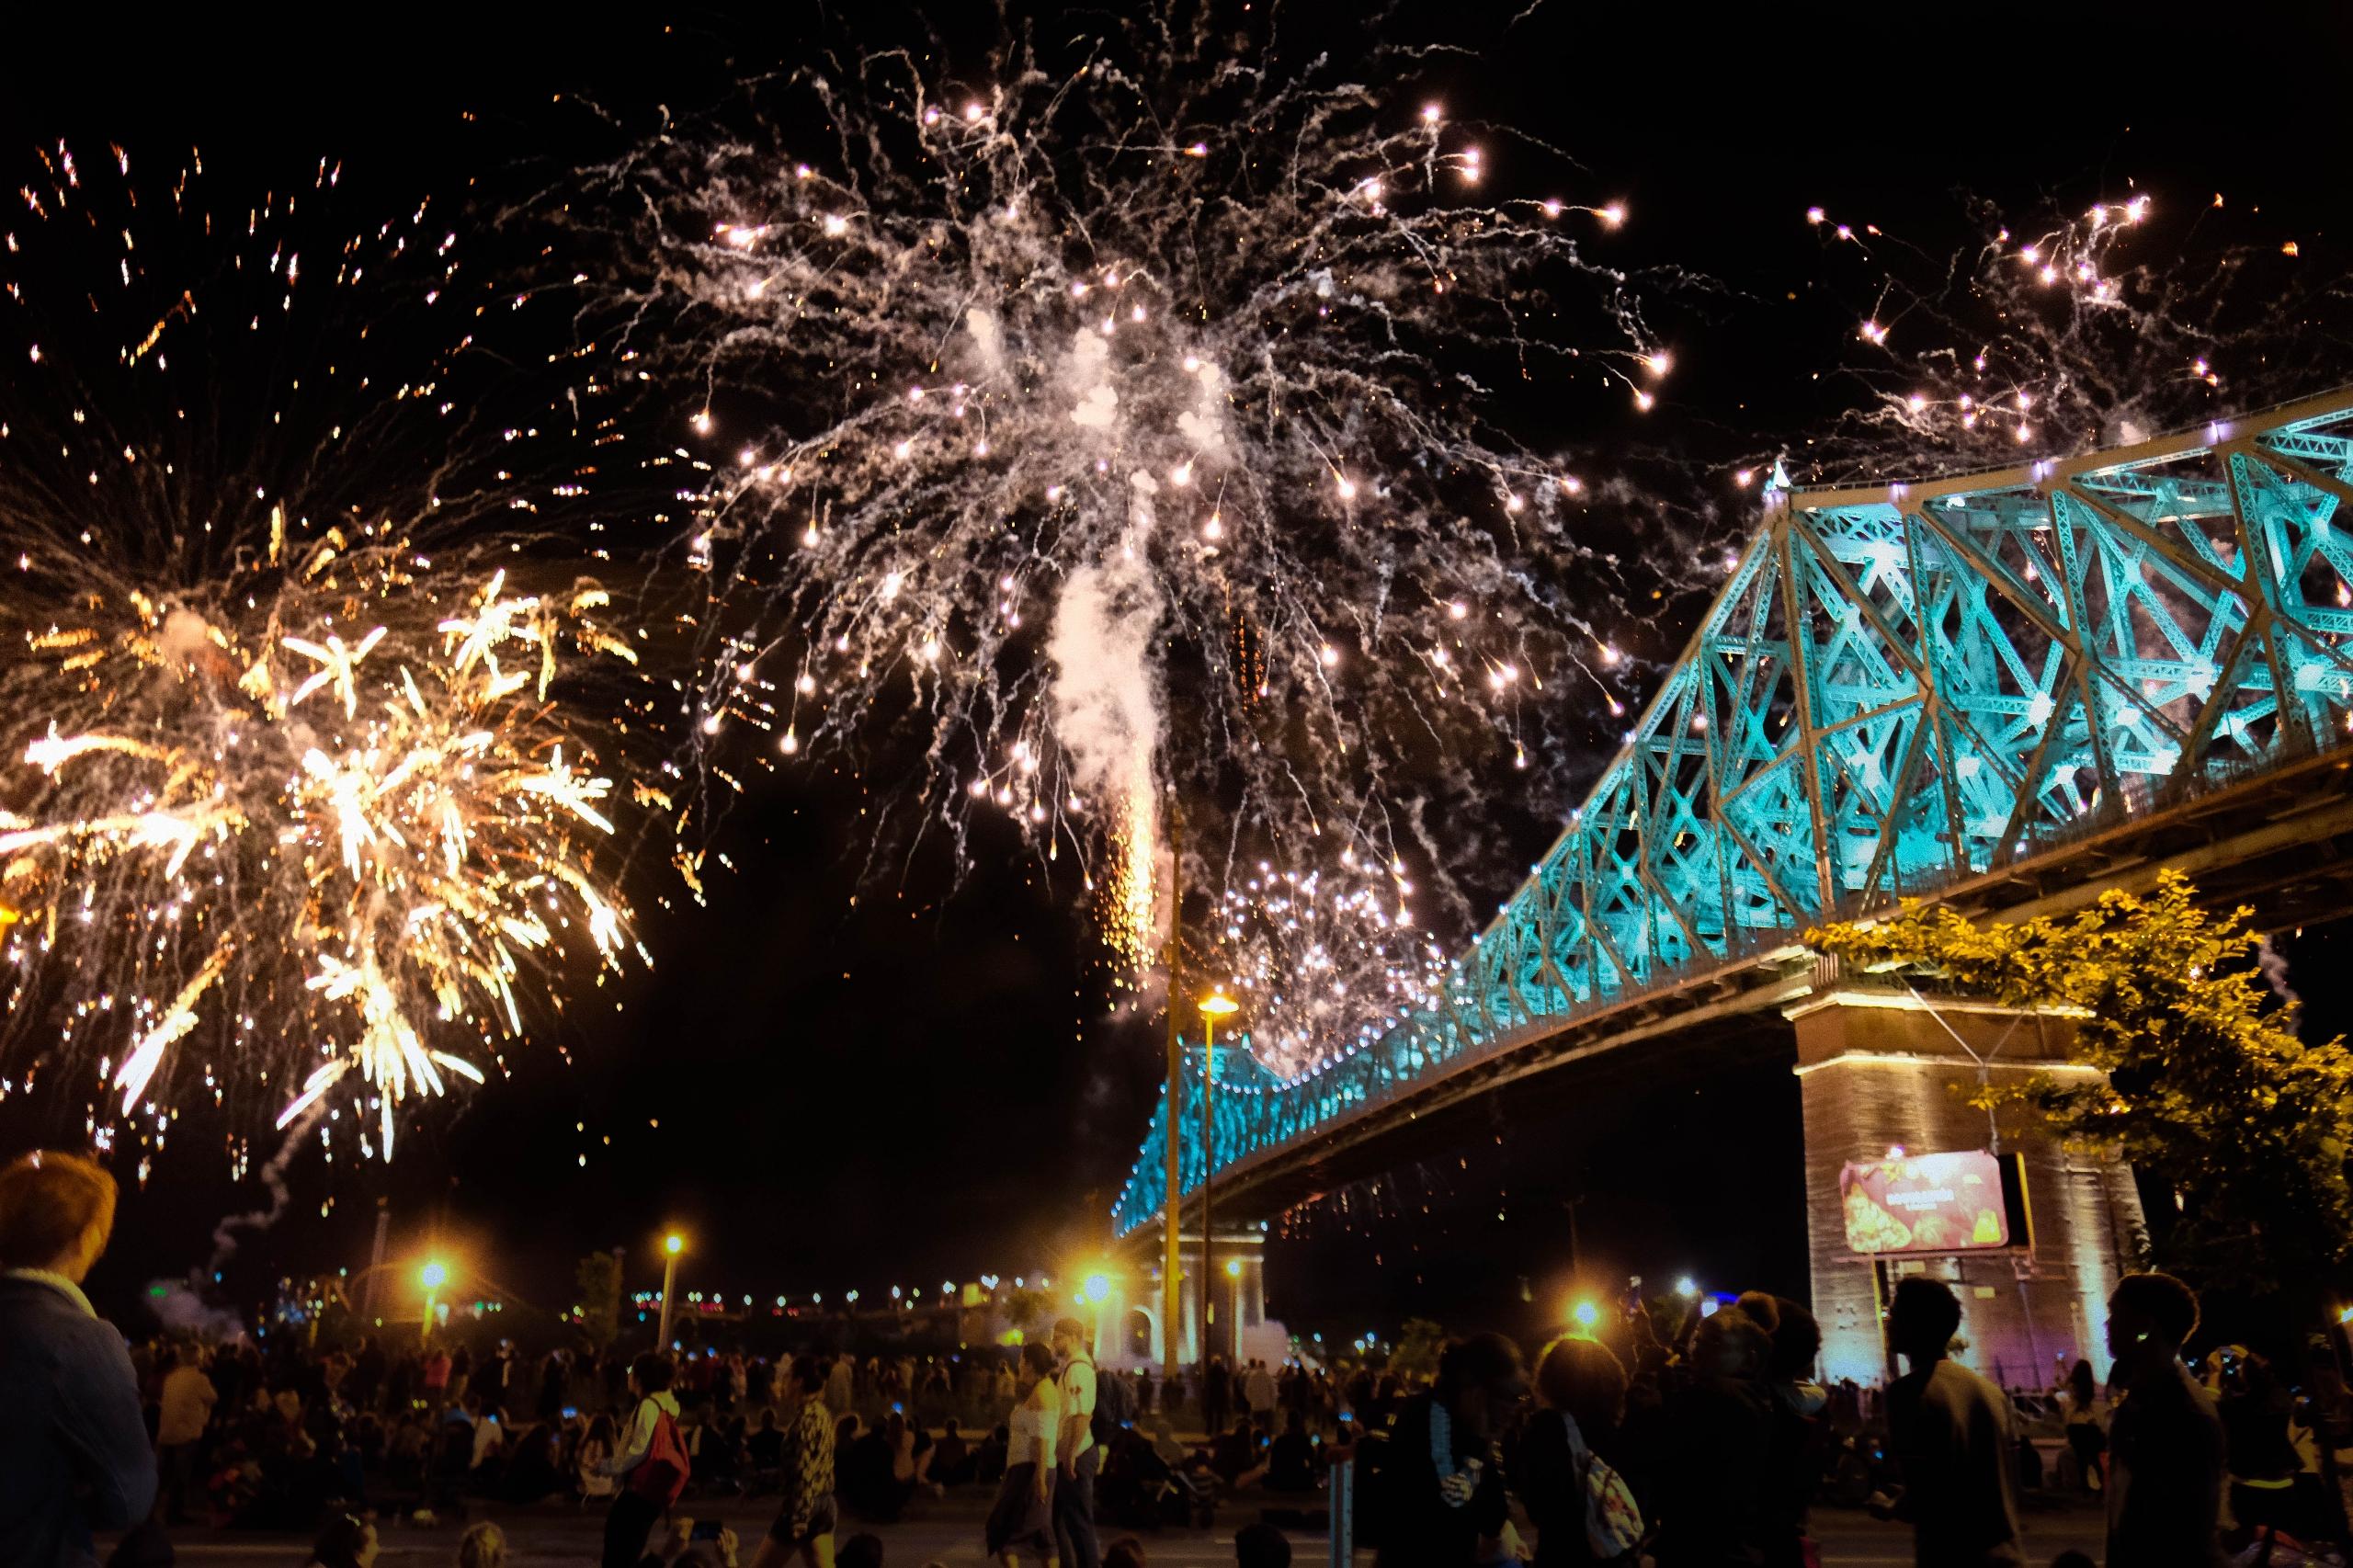 Bridge littttt - architecture, firework - maximemartin | ello